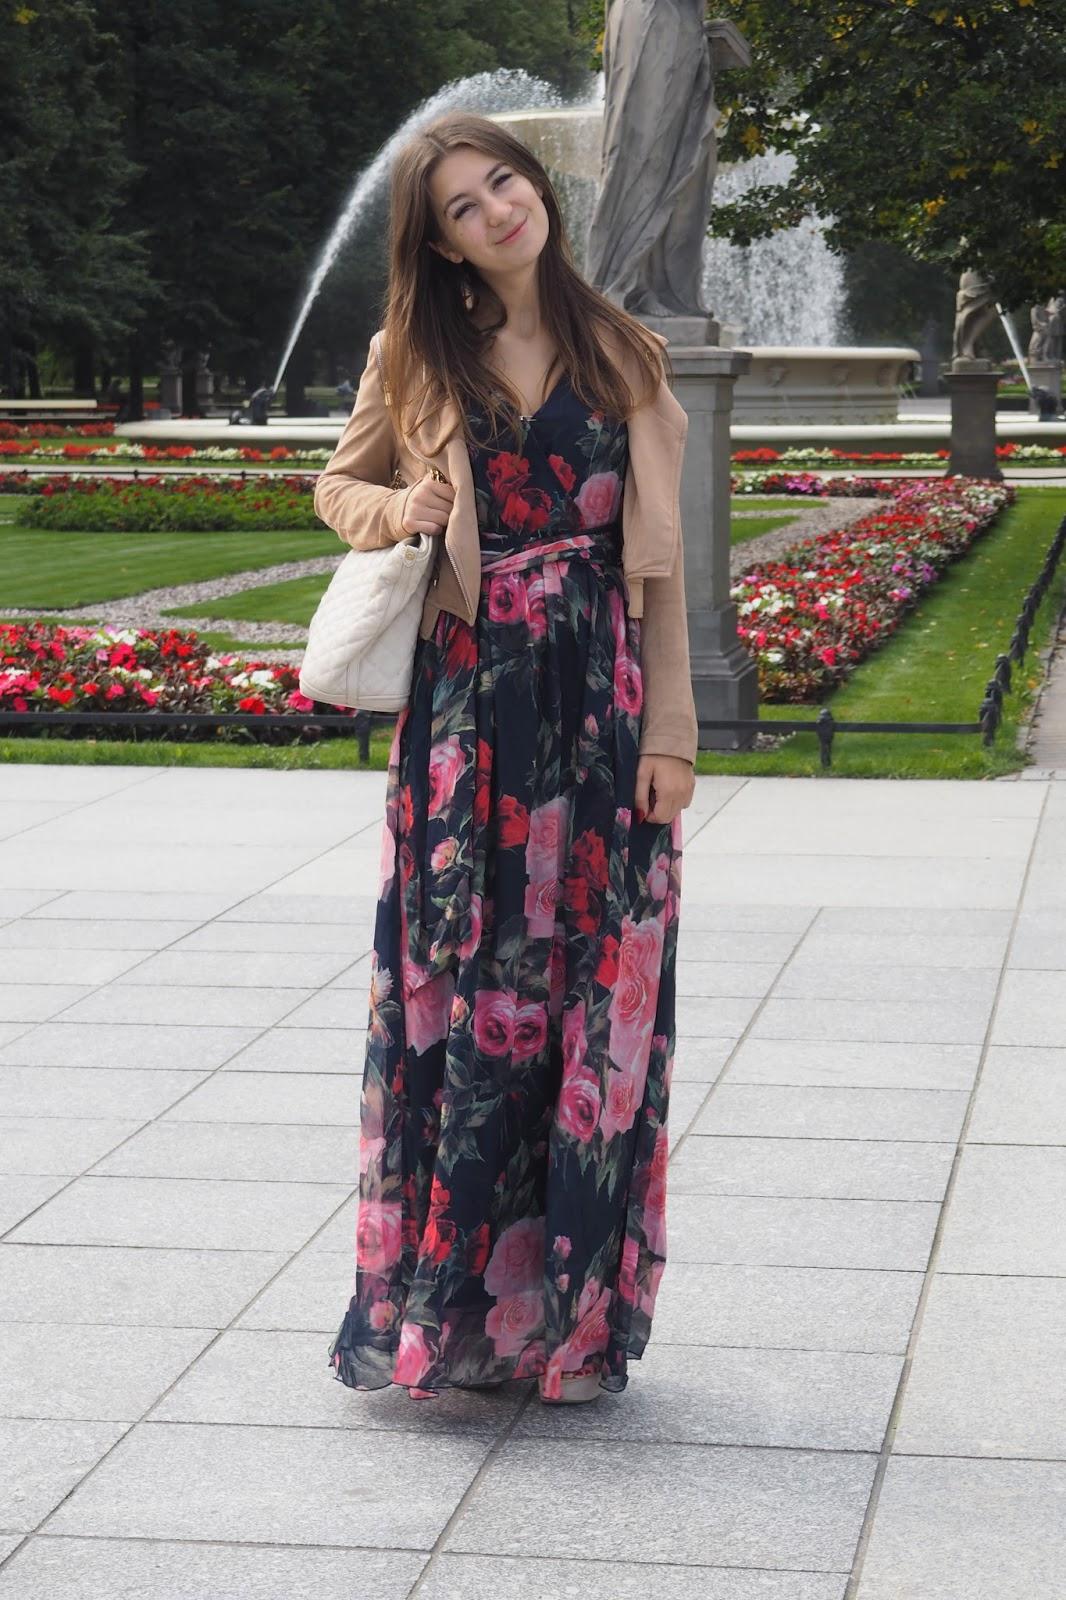 sukienka maxi w kwiaty stylizacja